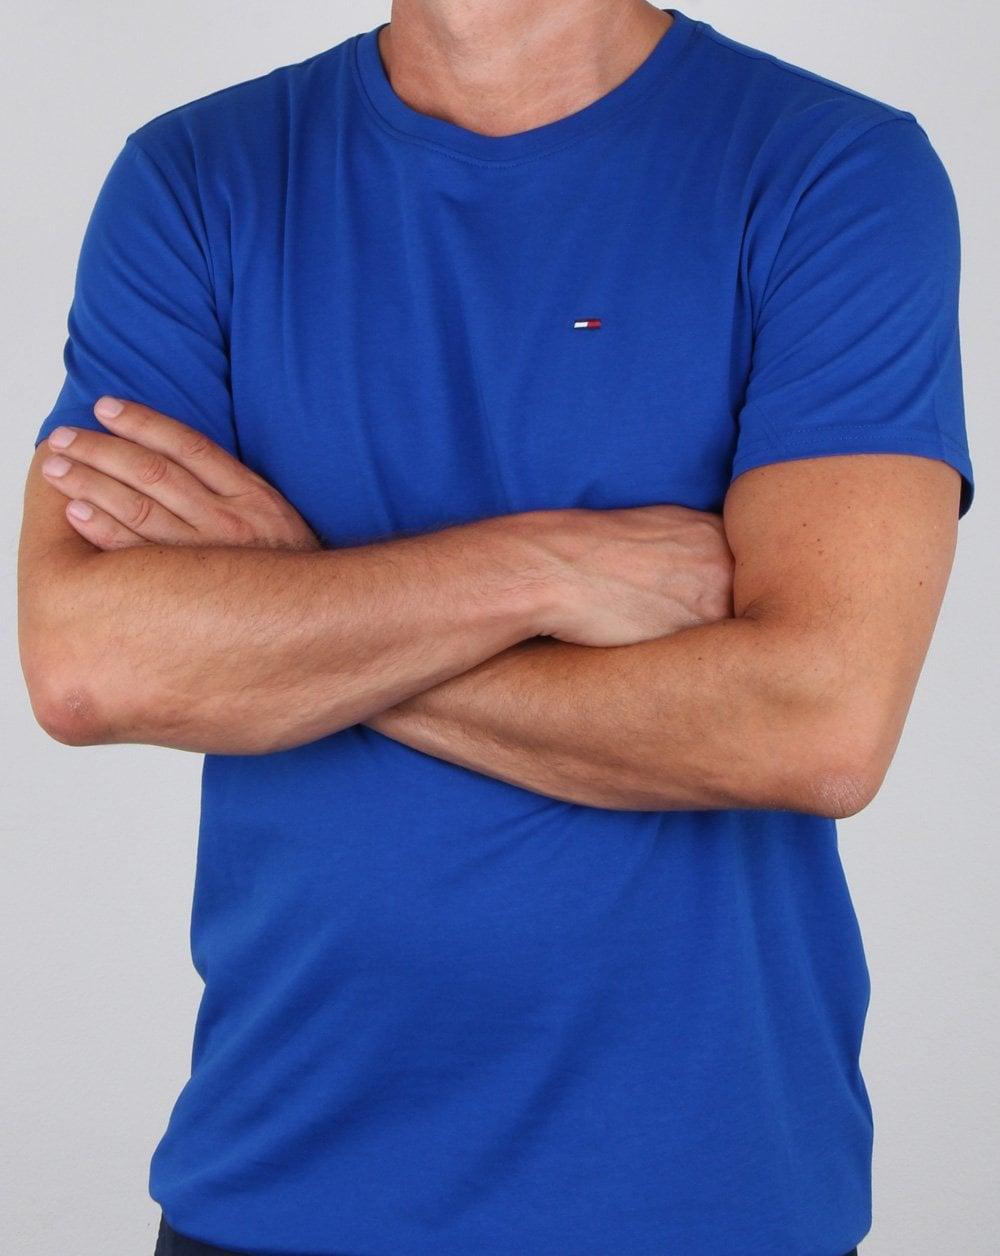 6d19148d32b7 Tommy Hilfiger Jeans Tommy Hilfiger Cotton Crew Neck T-shirt Blue